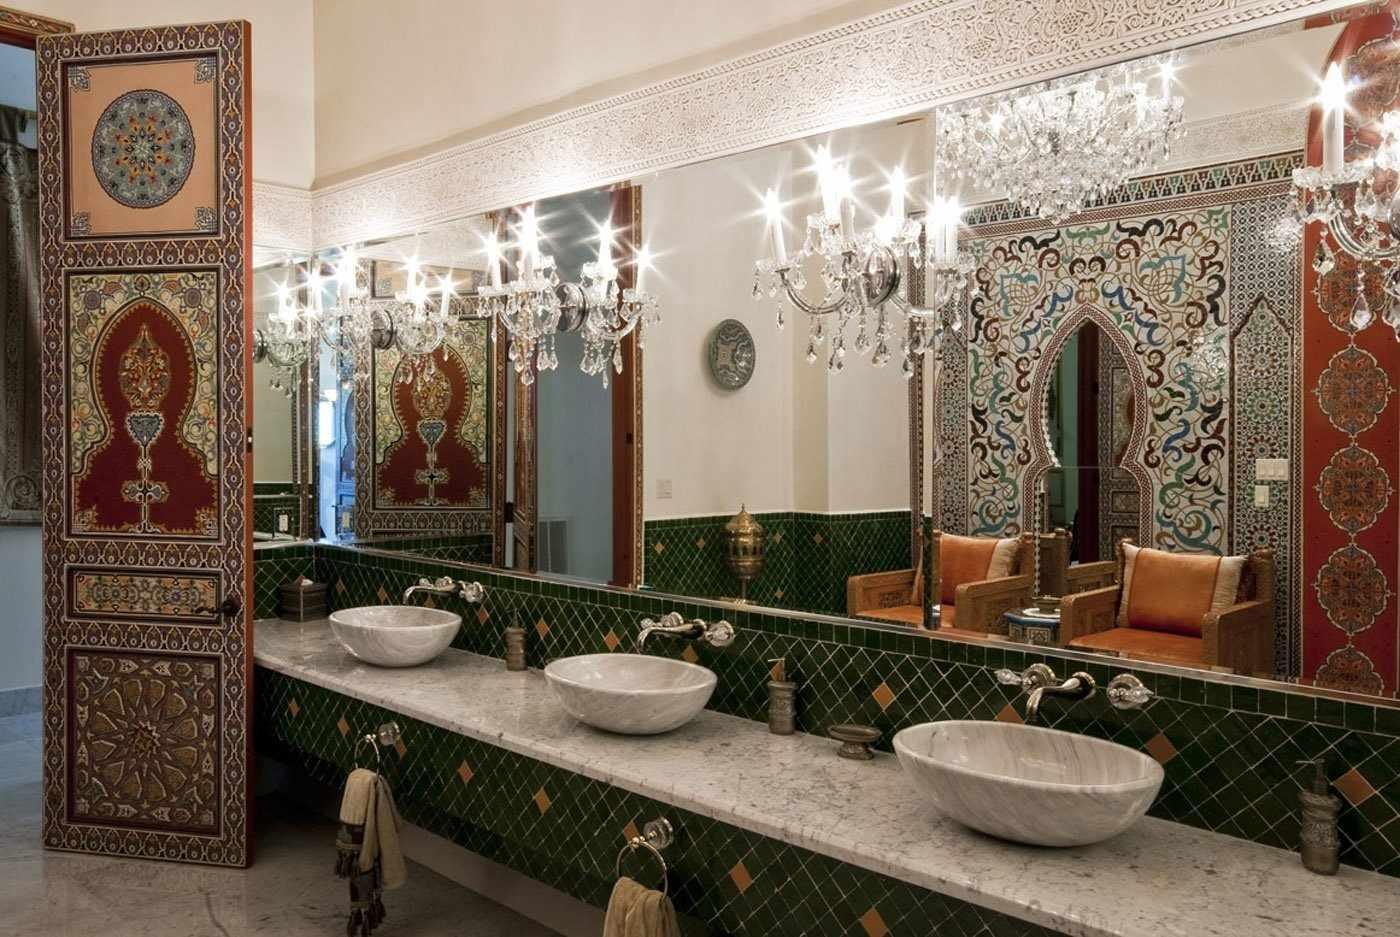 Восточный стиль в туалете гостиницы